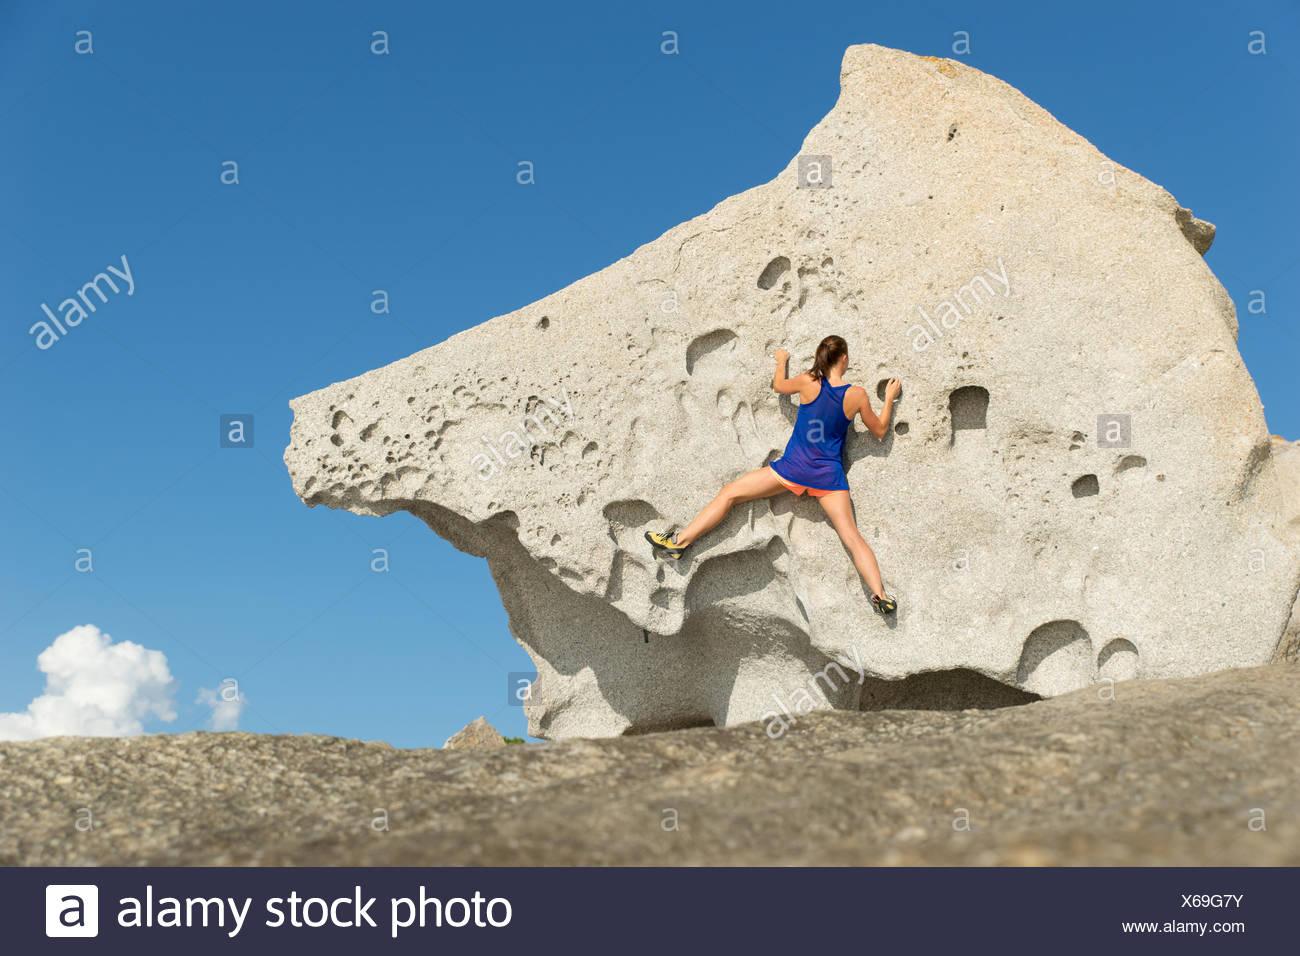 Francia, Córcega, joven escalada big rock Imagen De Stock